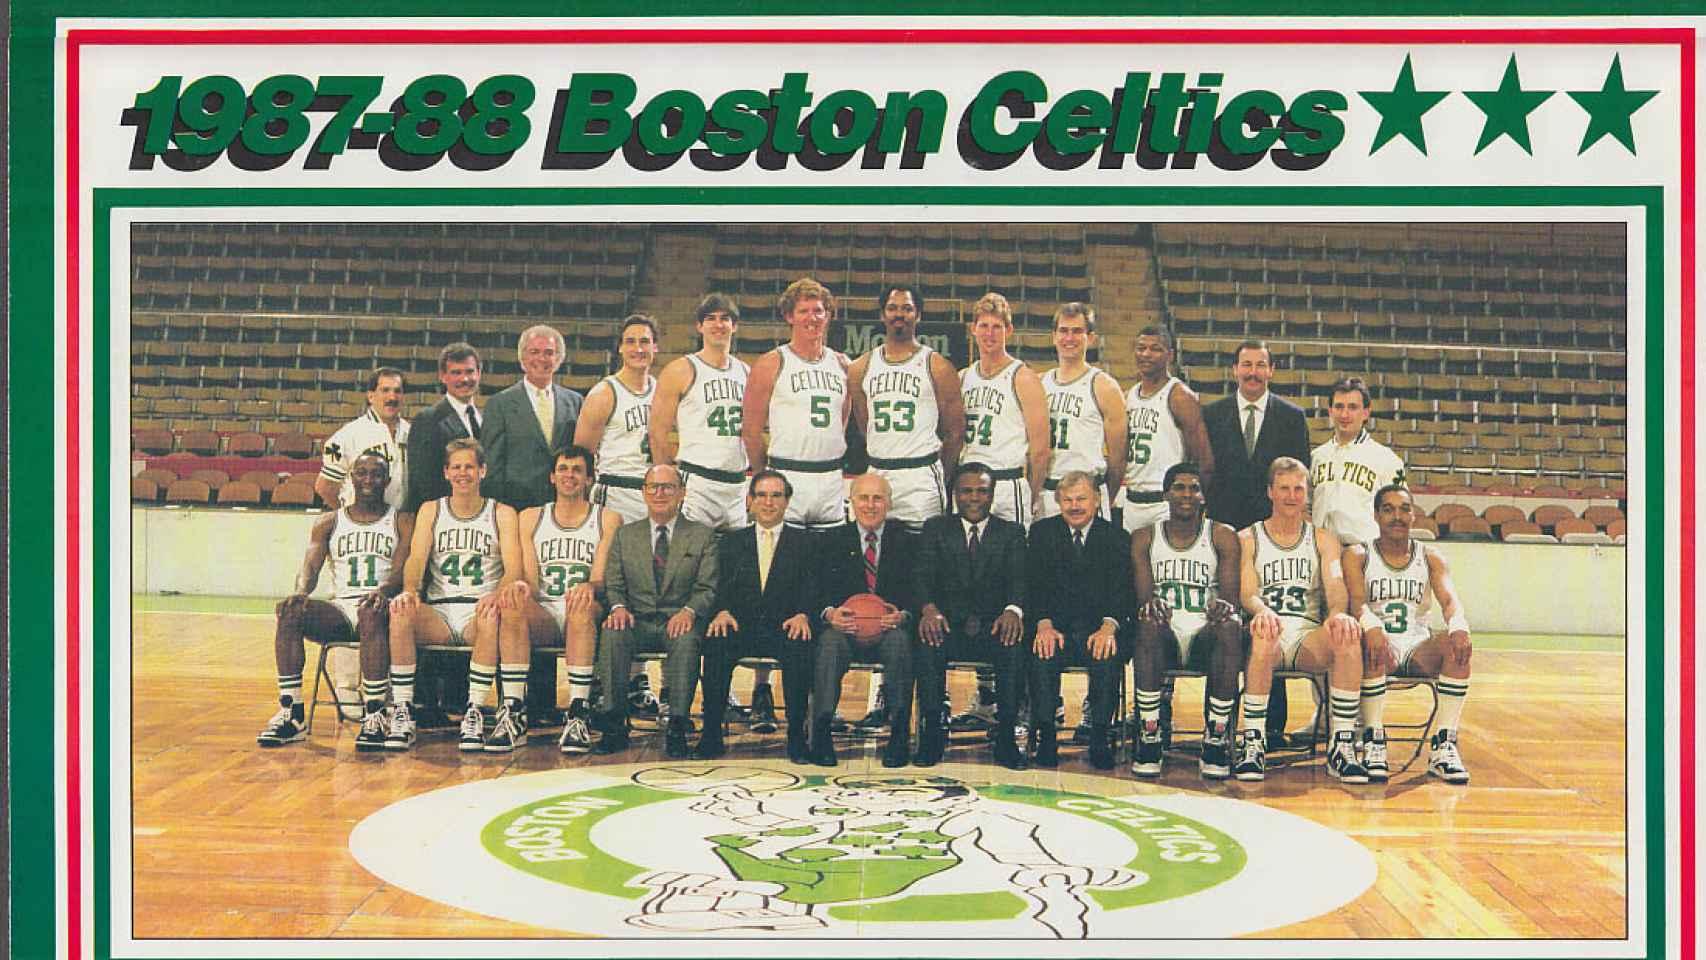 Plantilla de los Boston Celtics en la temporada 1987/1988.